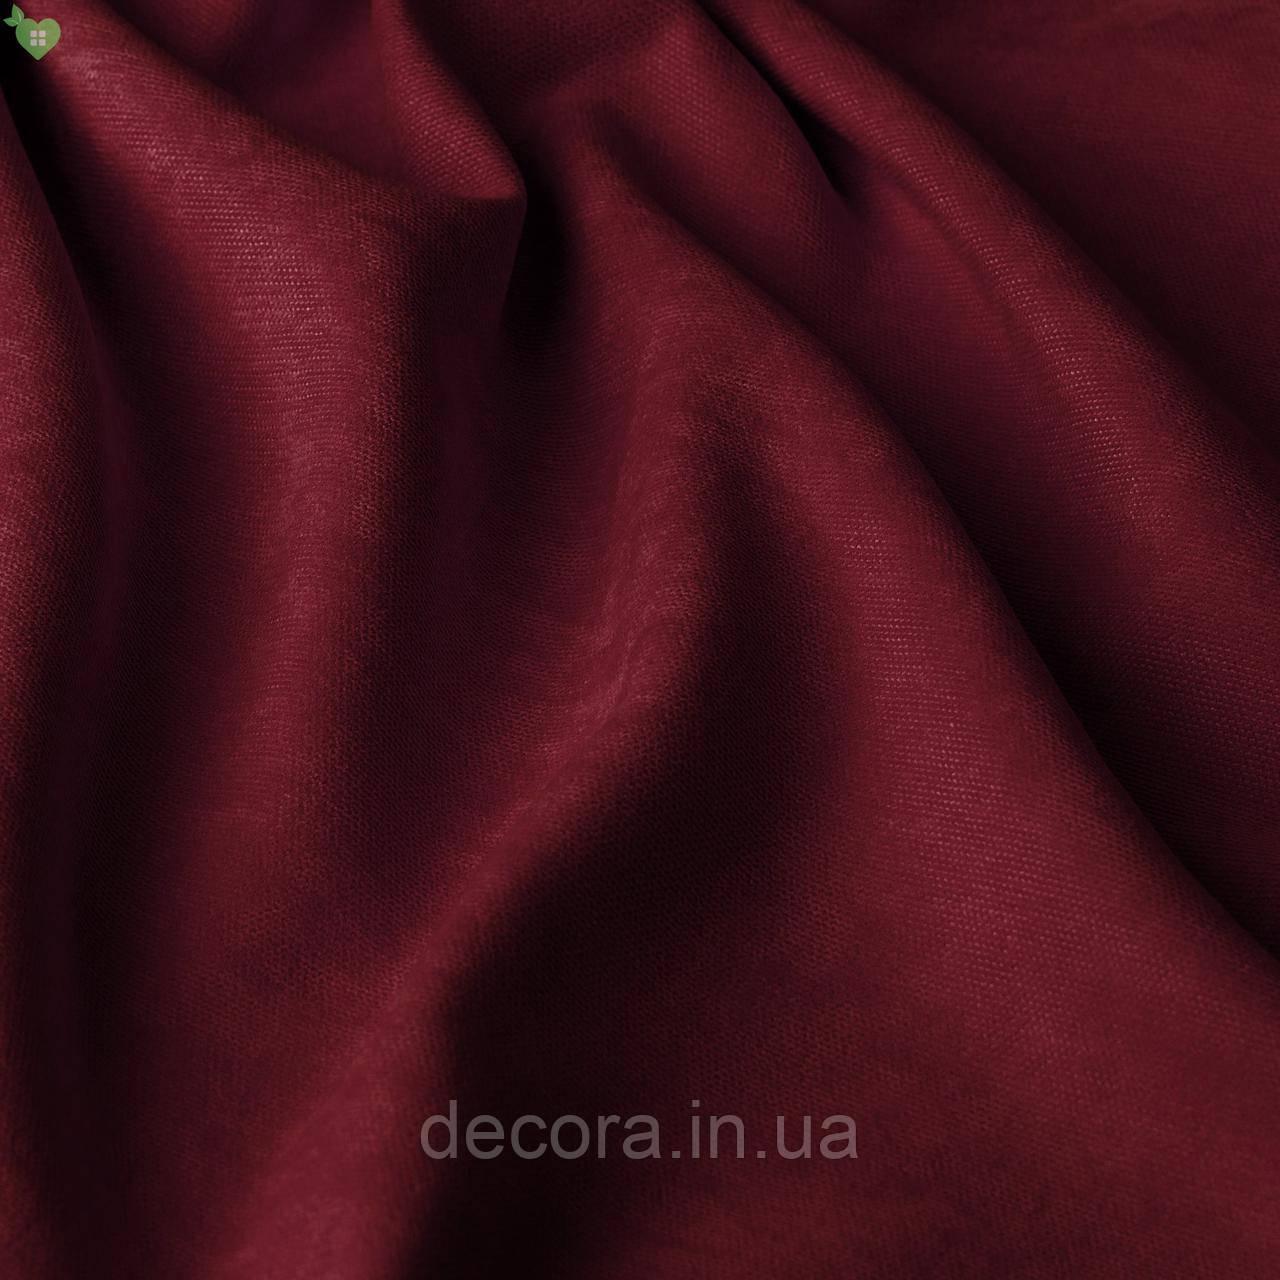 Однотонна декоративна тканина велюр білого кольору, Туреччина 121000v9